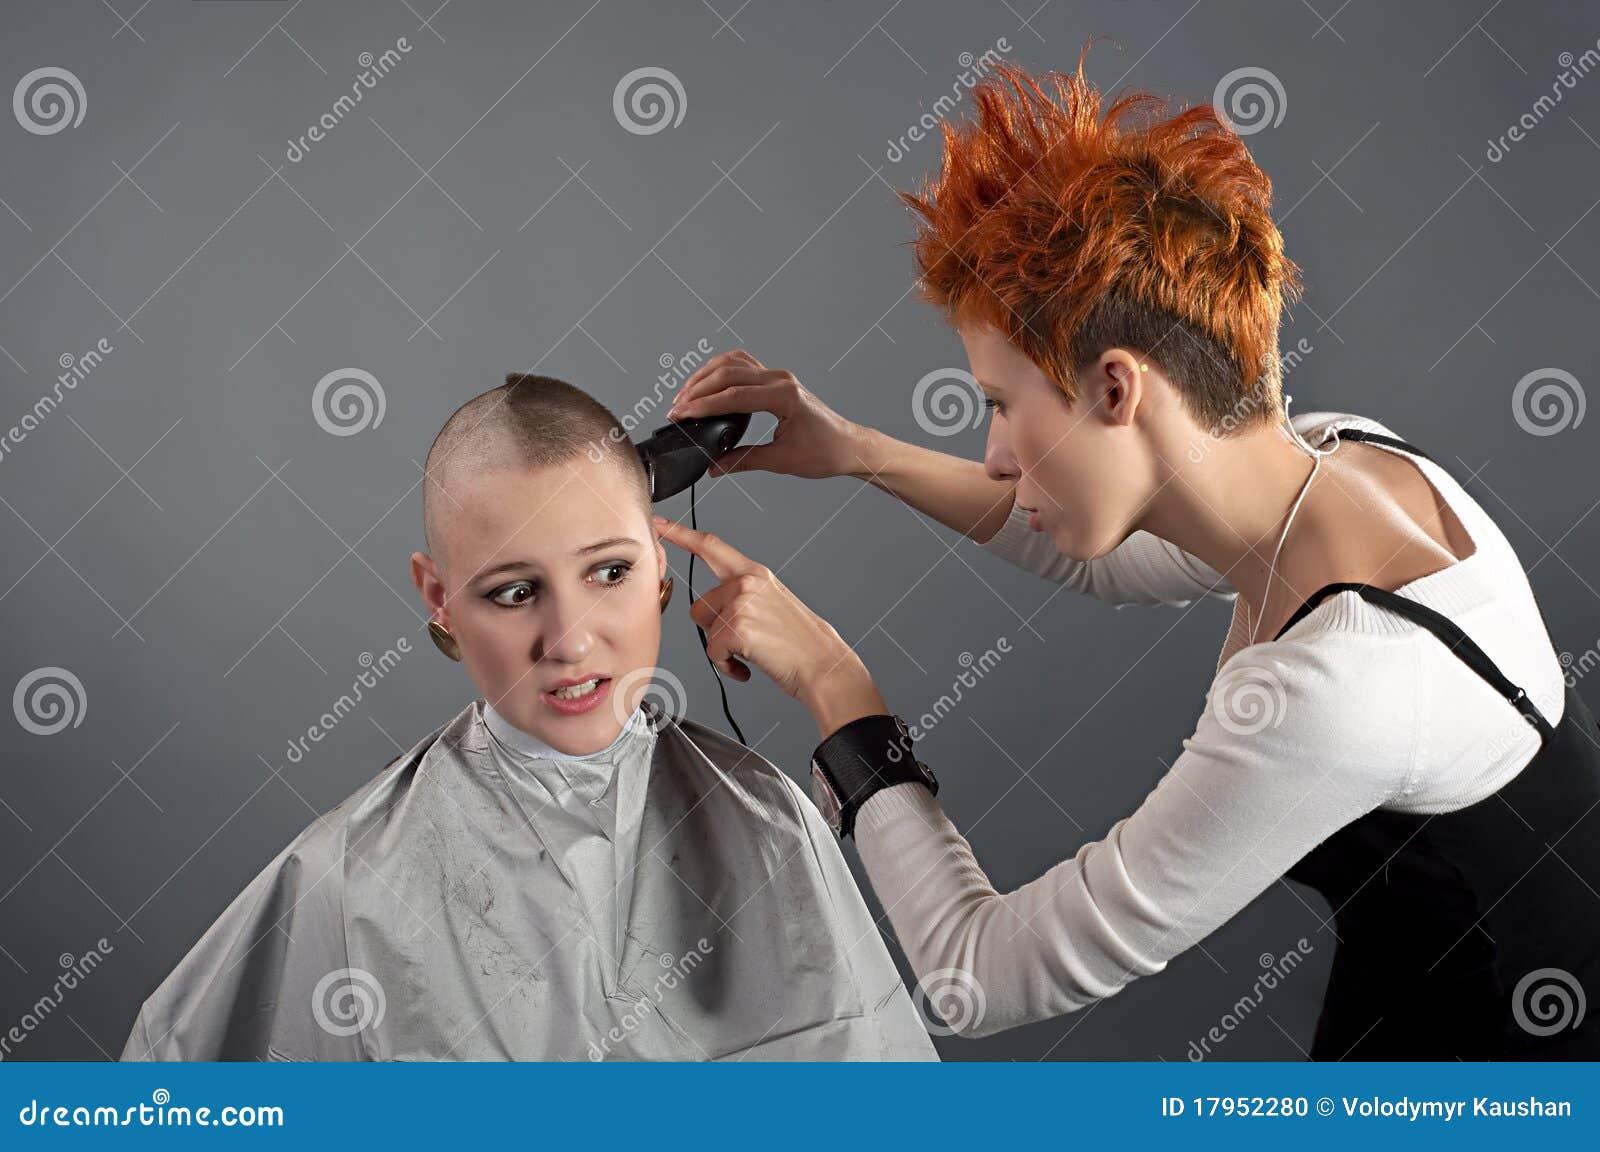 Cortes de pelo radicales mujer